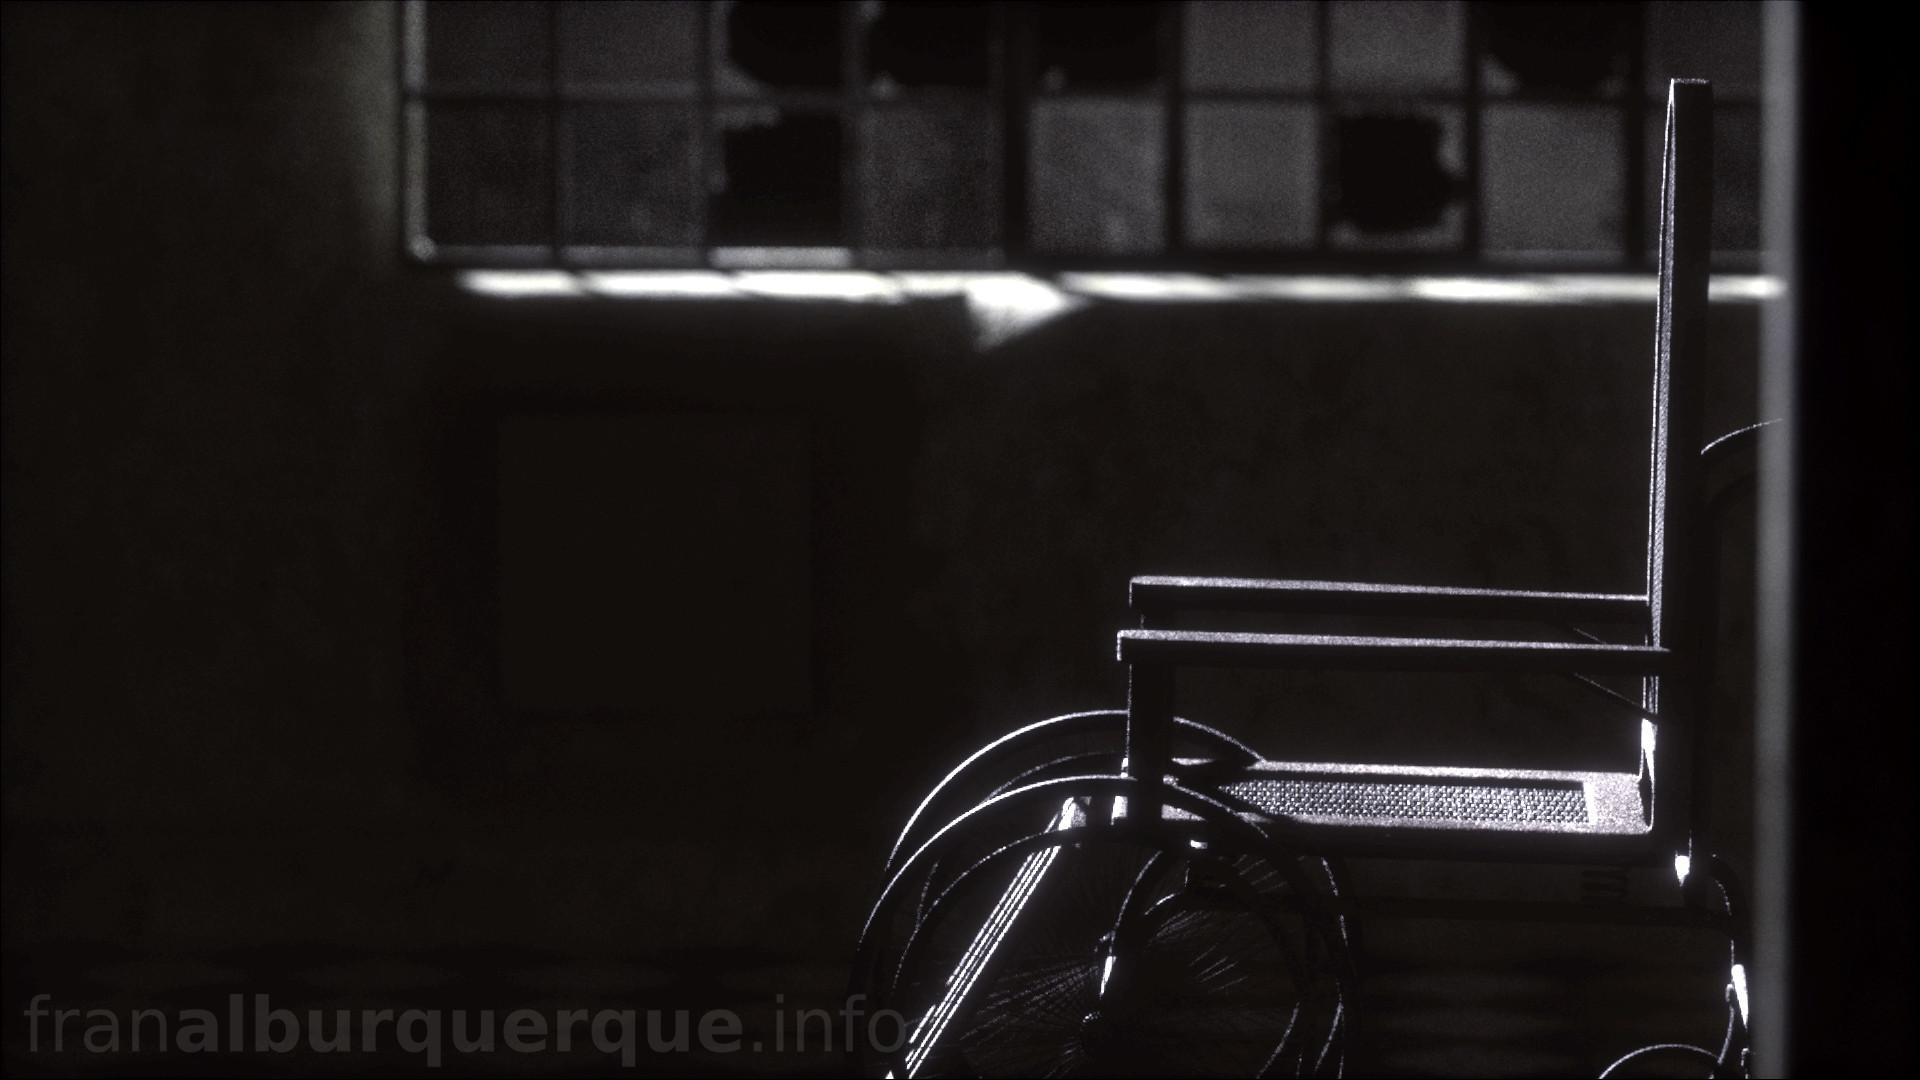 Fran alburquerque wheelchair 03